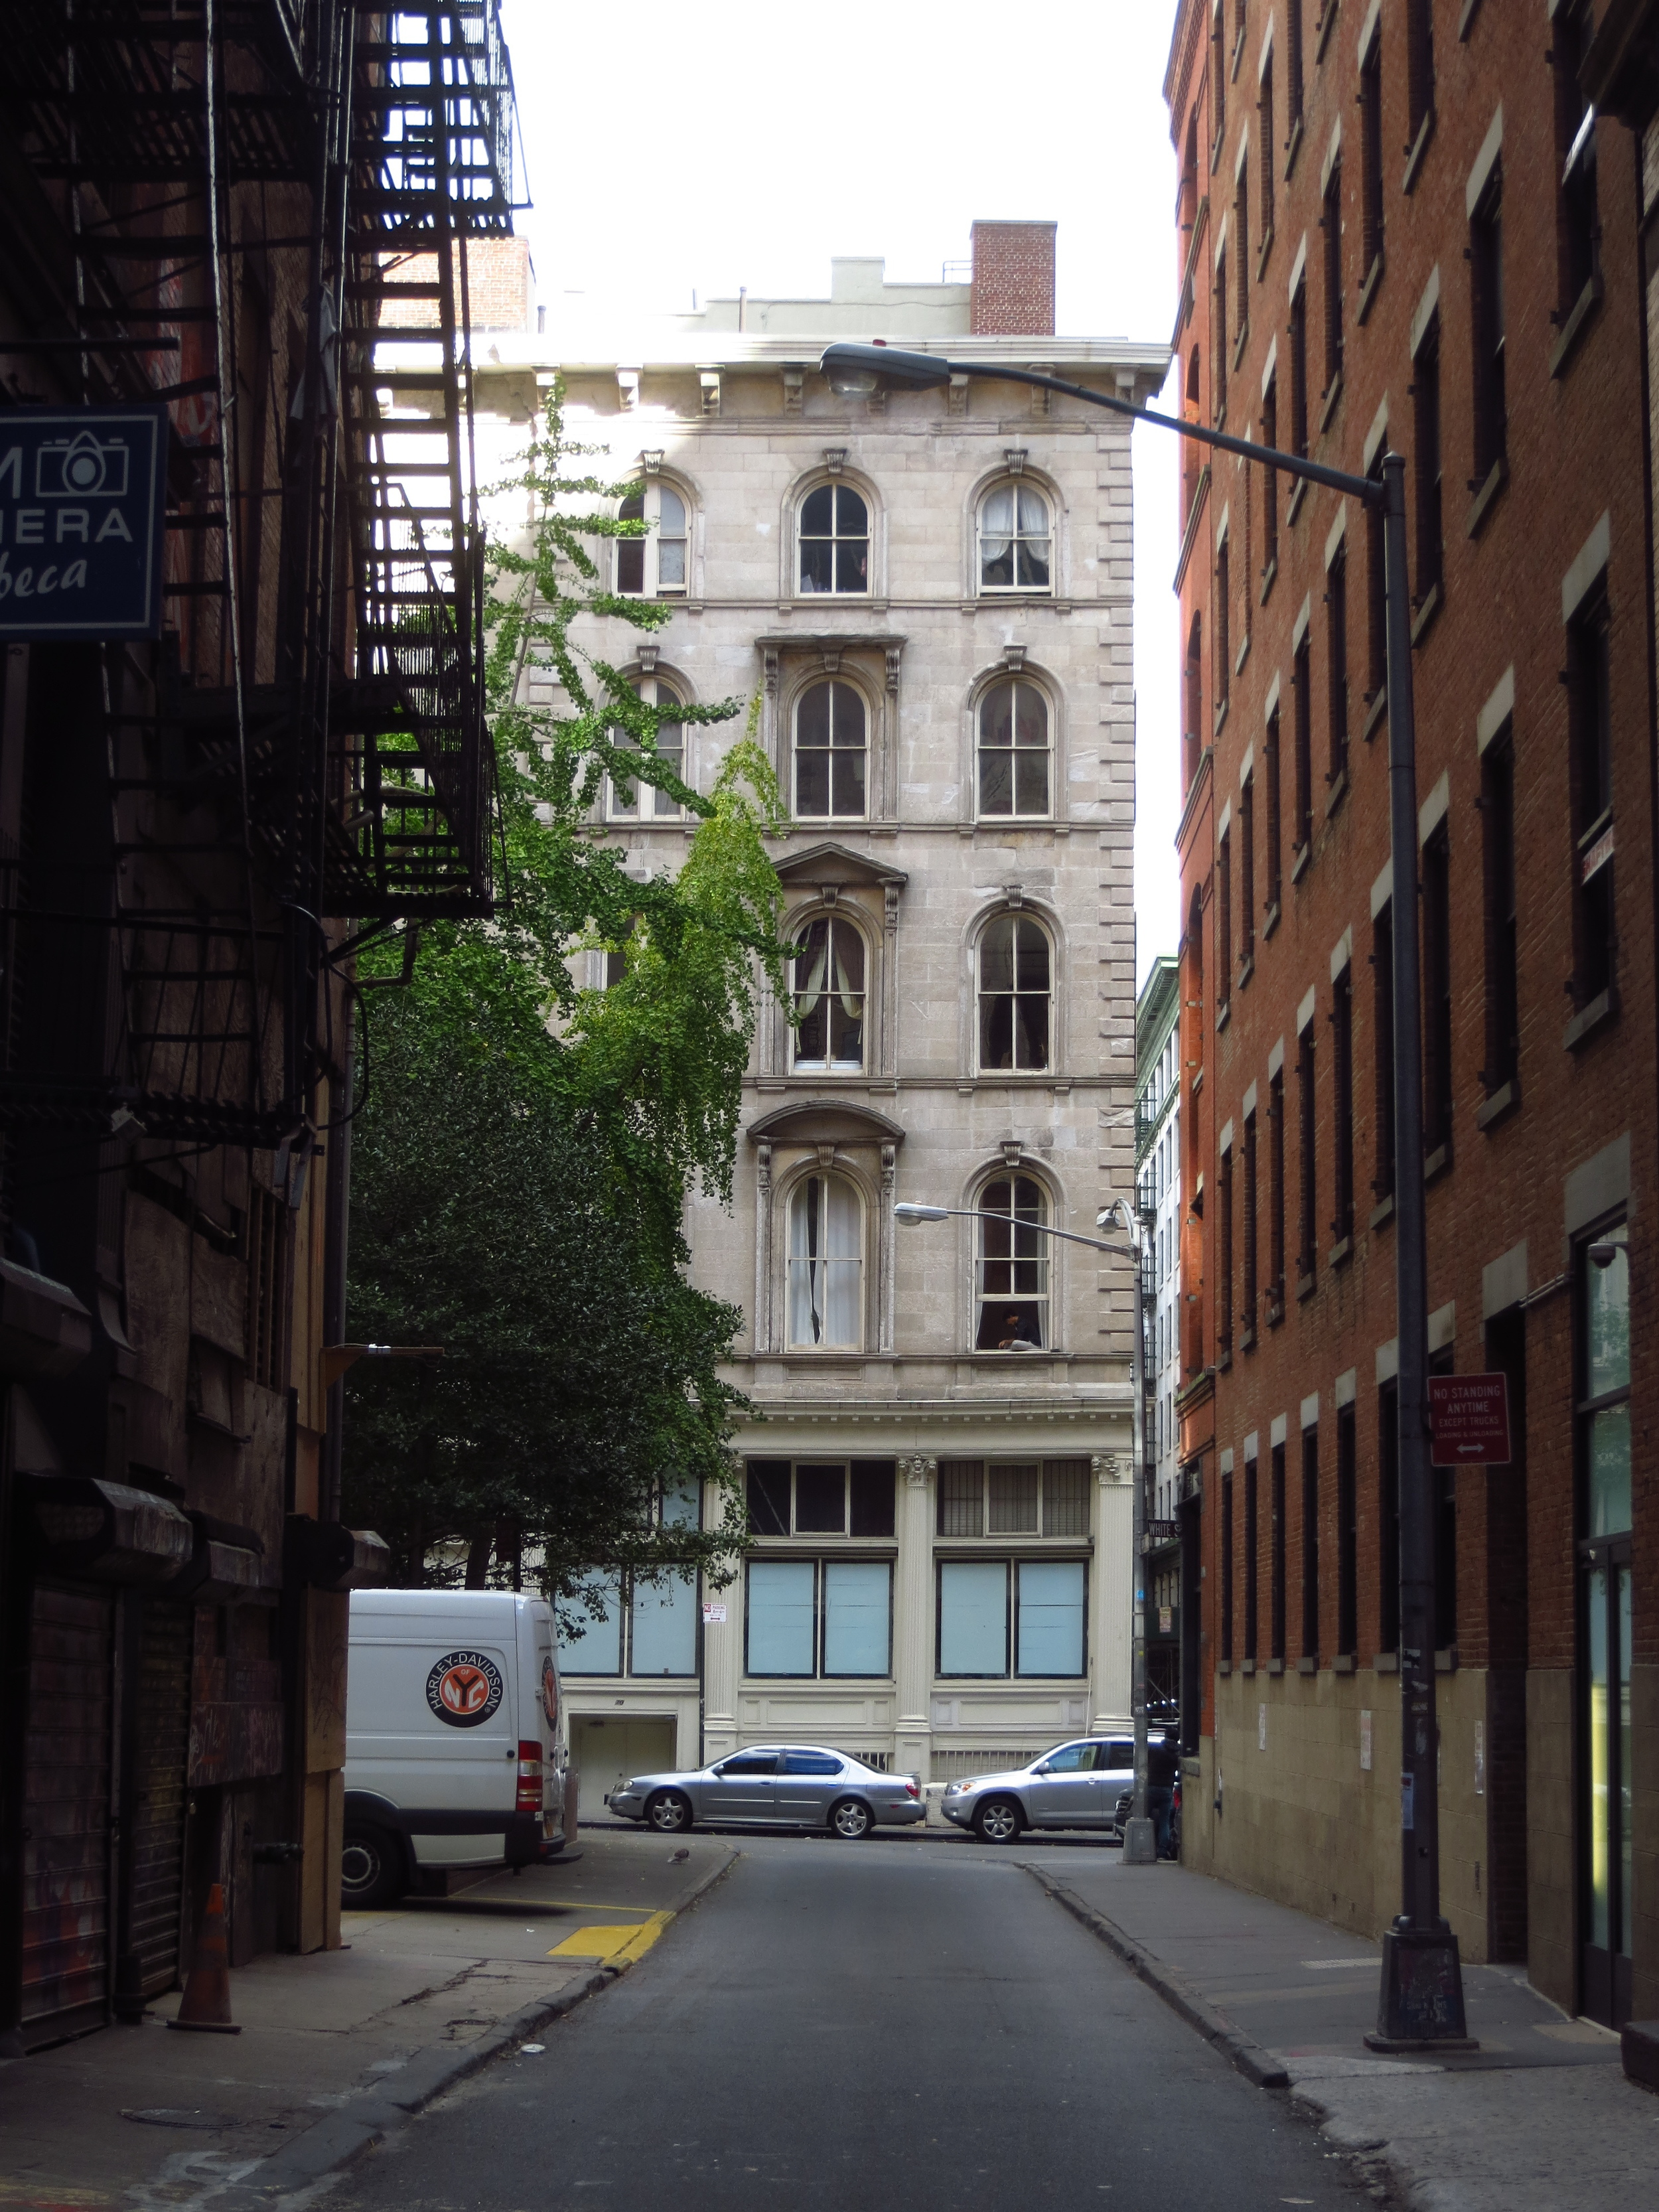 Cortlandt Alley